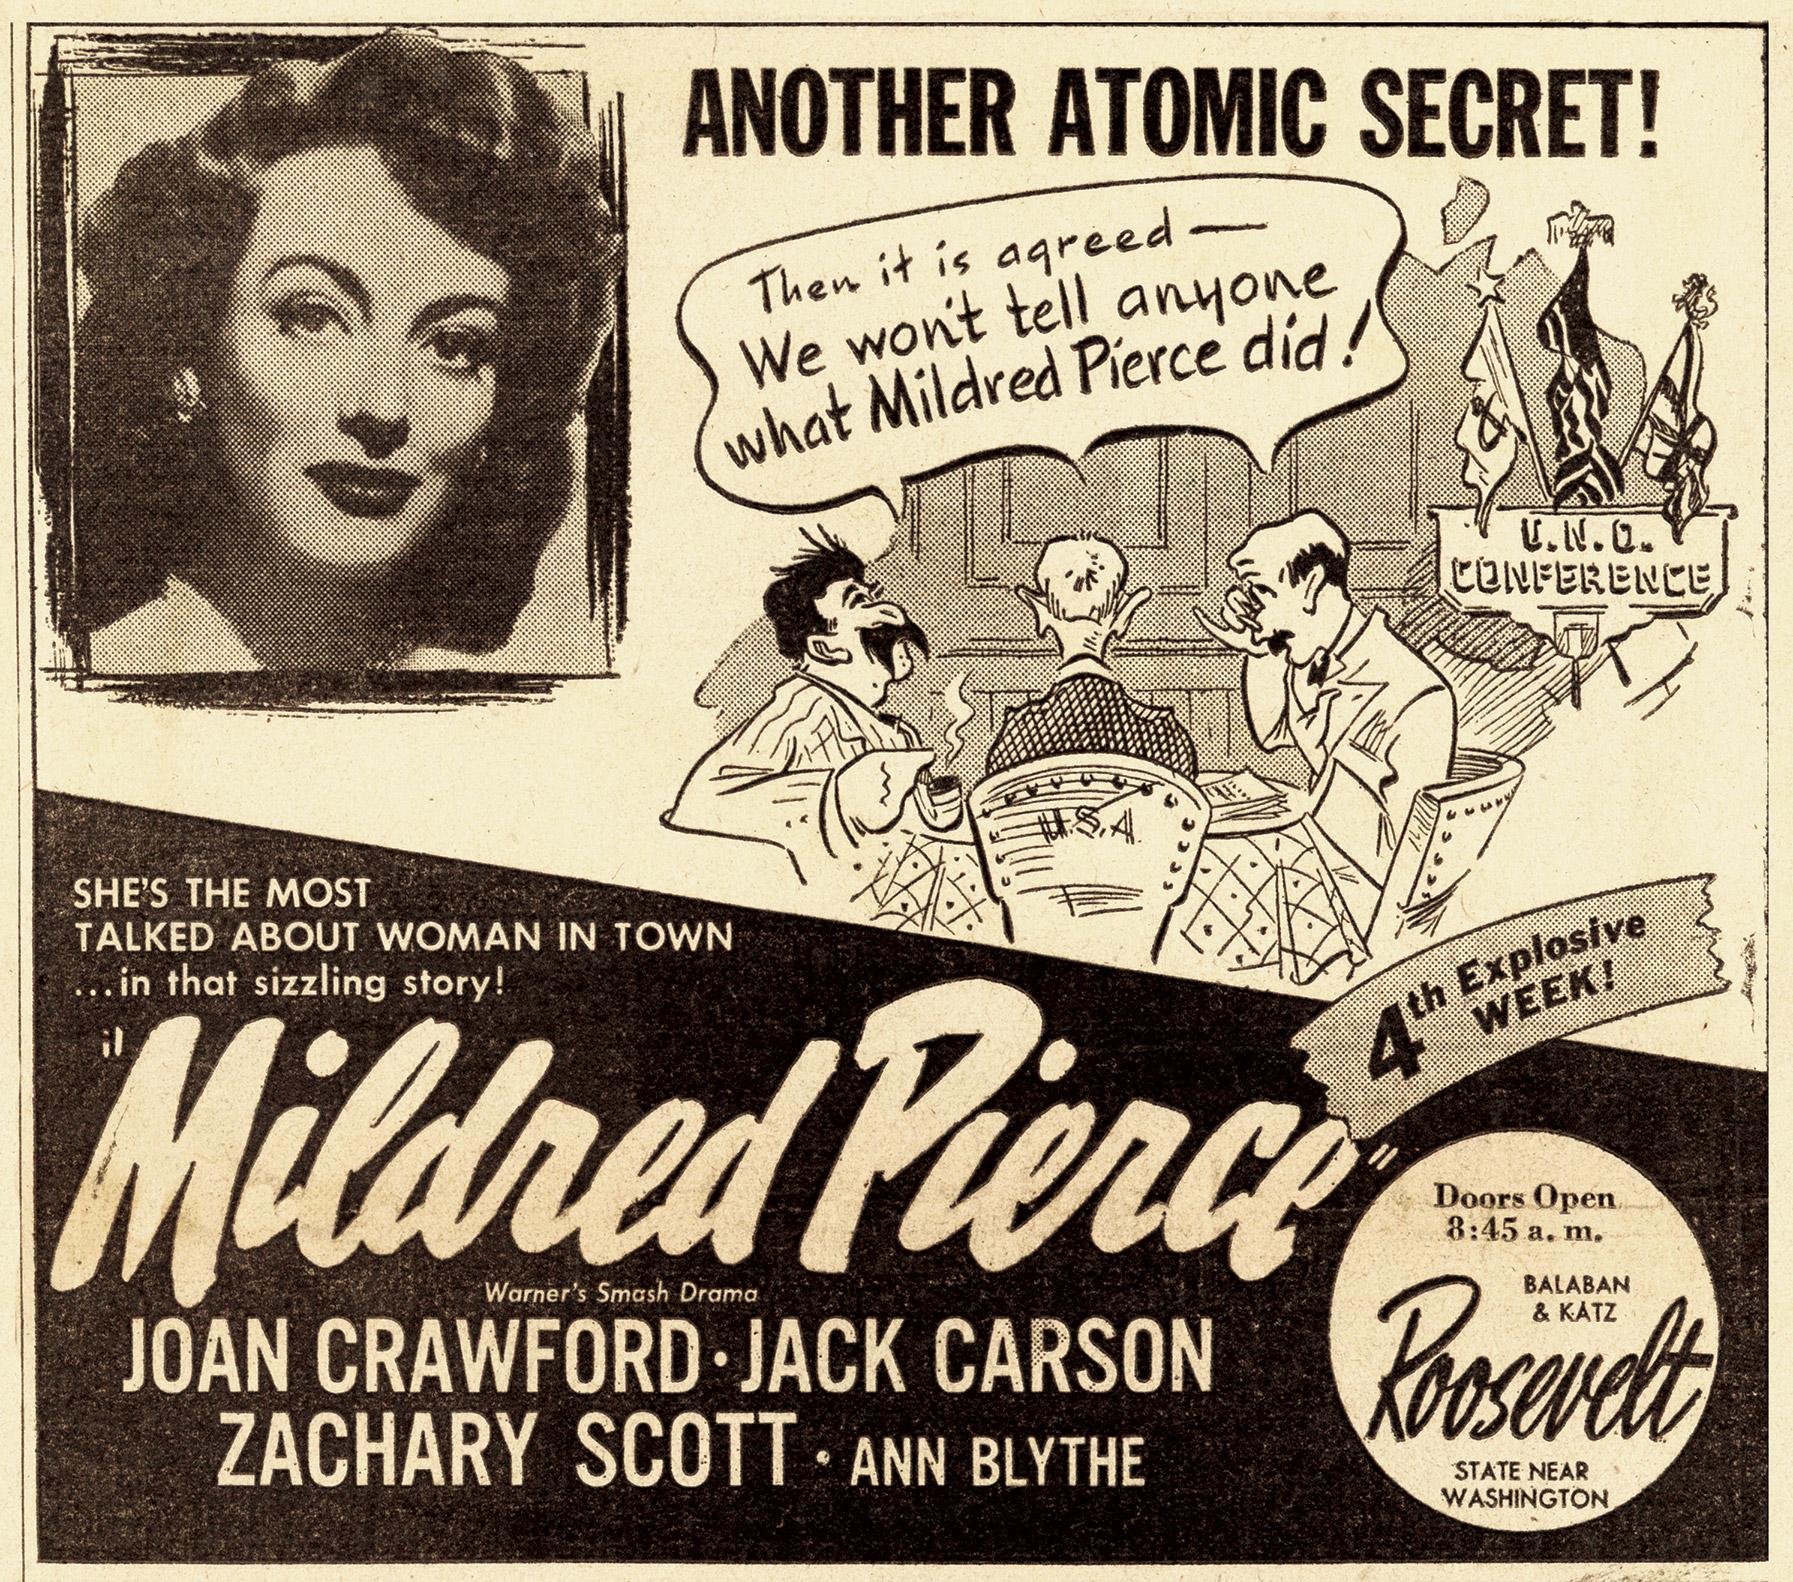 Mildred Pierce newspaper advertisement, 1945.